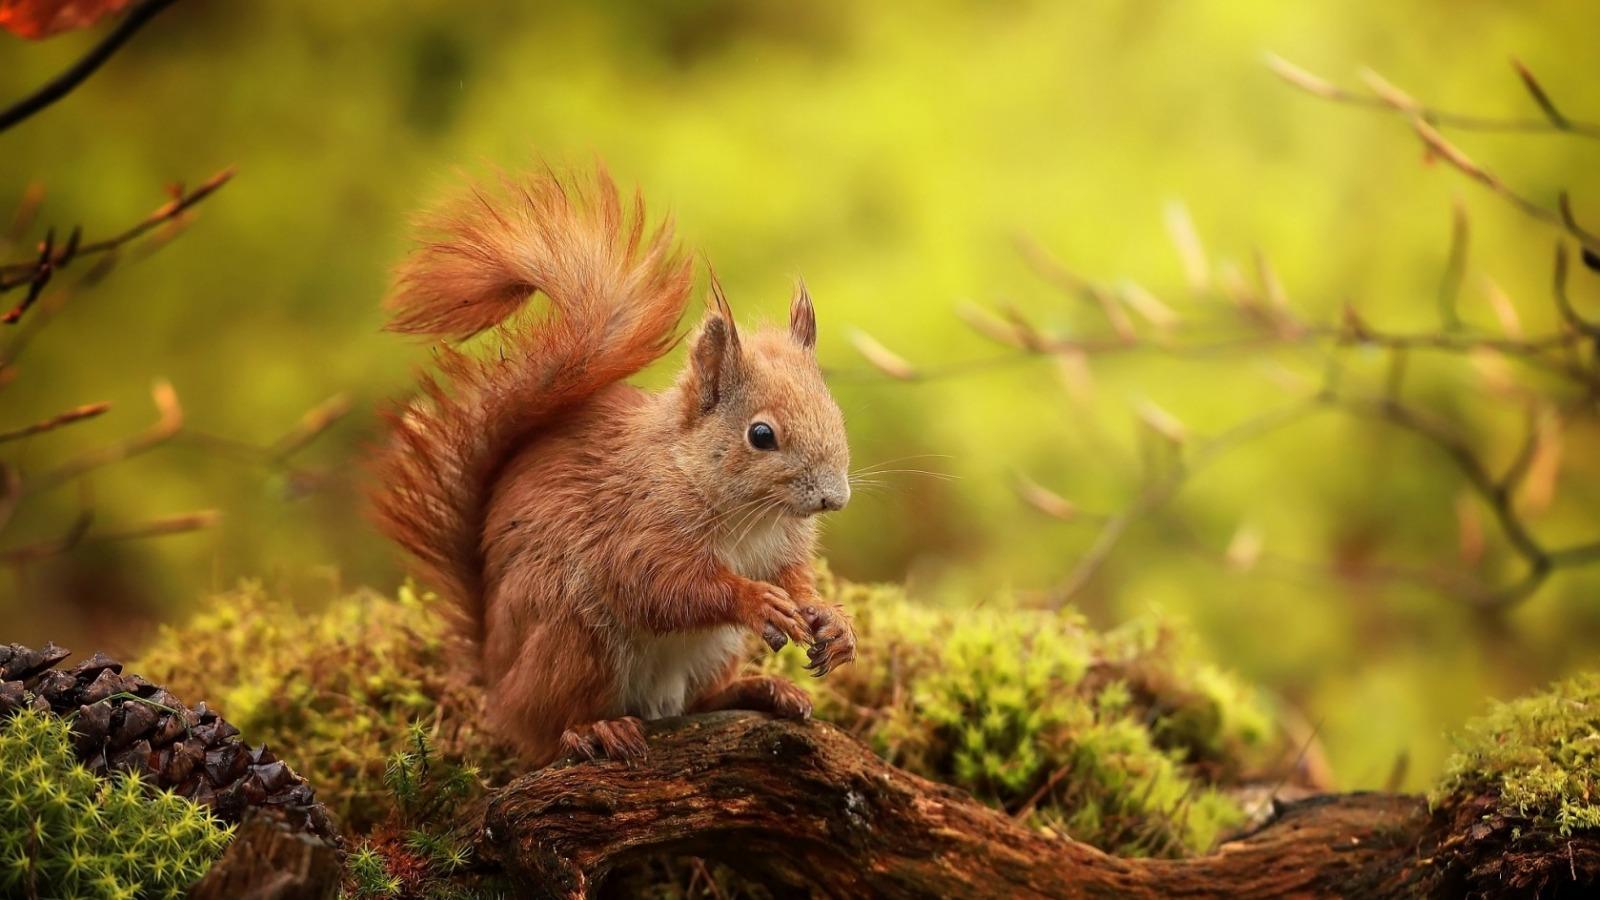 动物images 松鼠 hd wallpaper and background photos